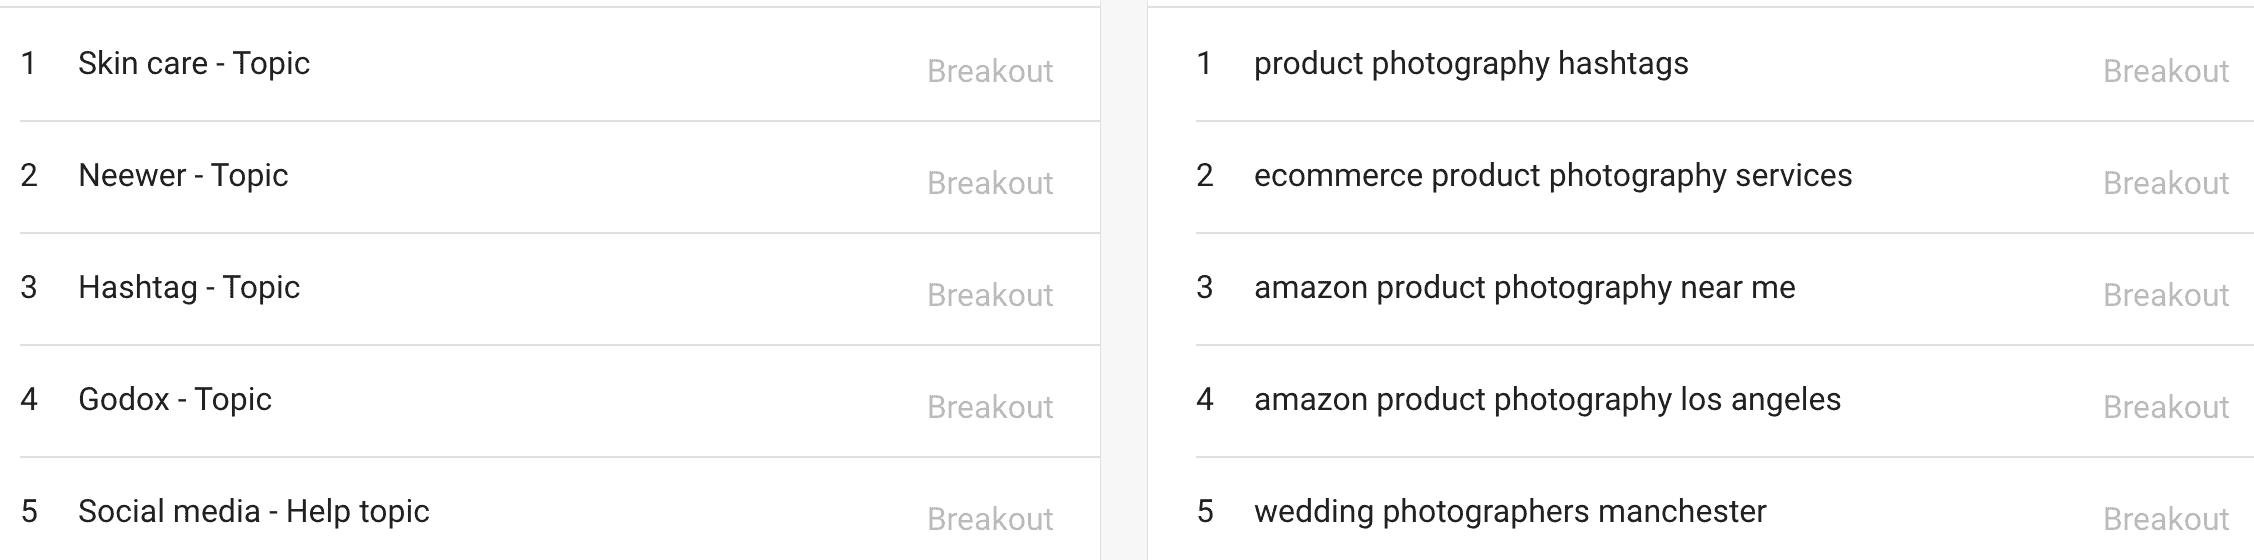 niche trend ideas